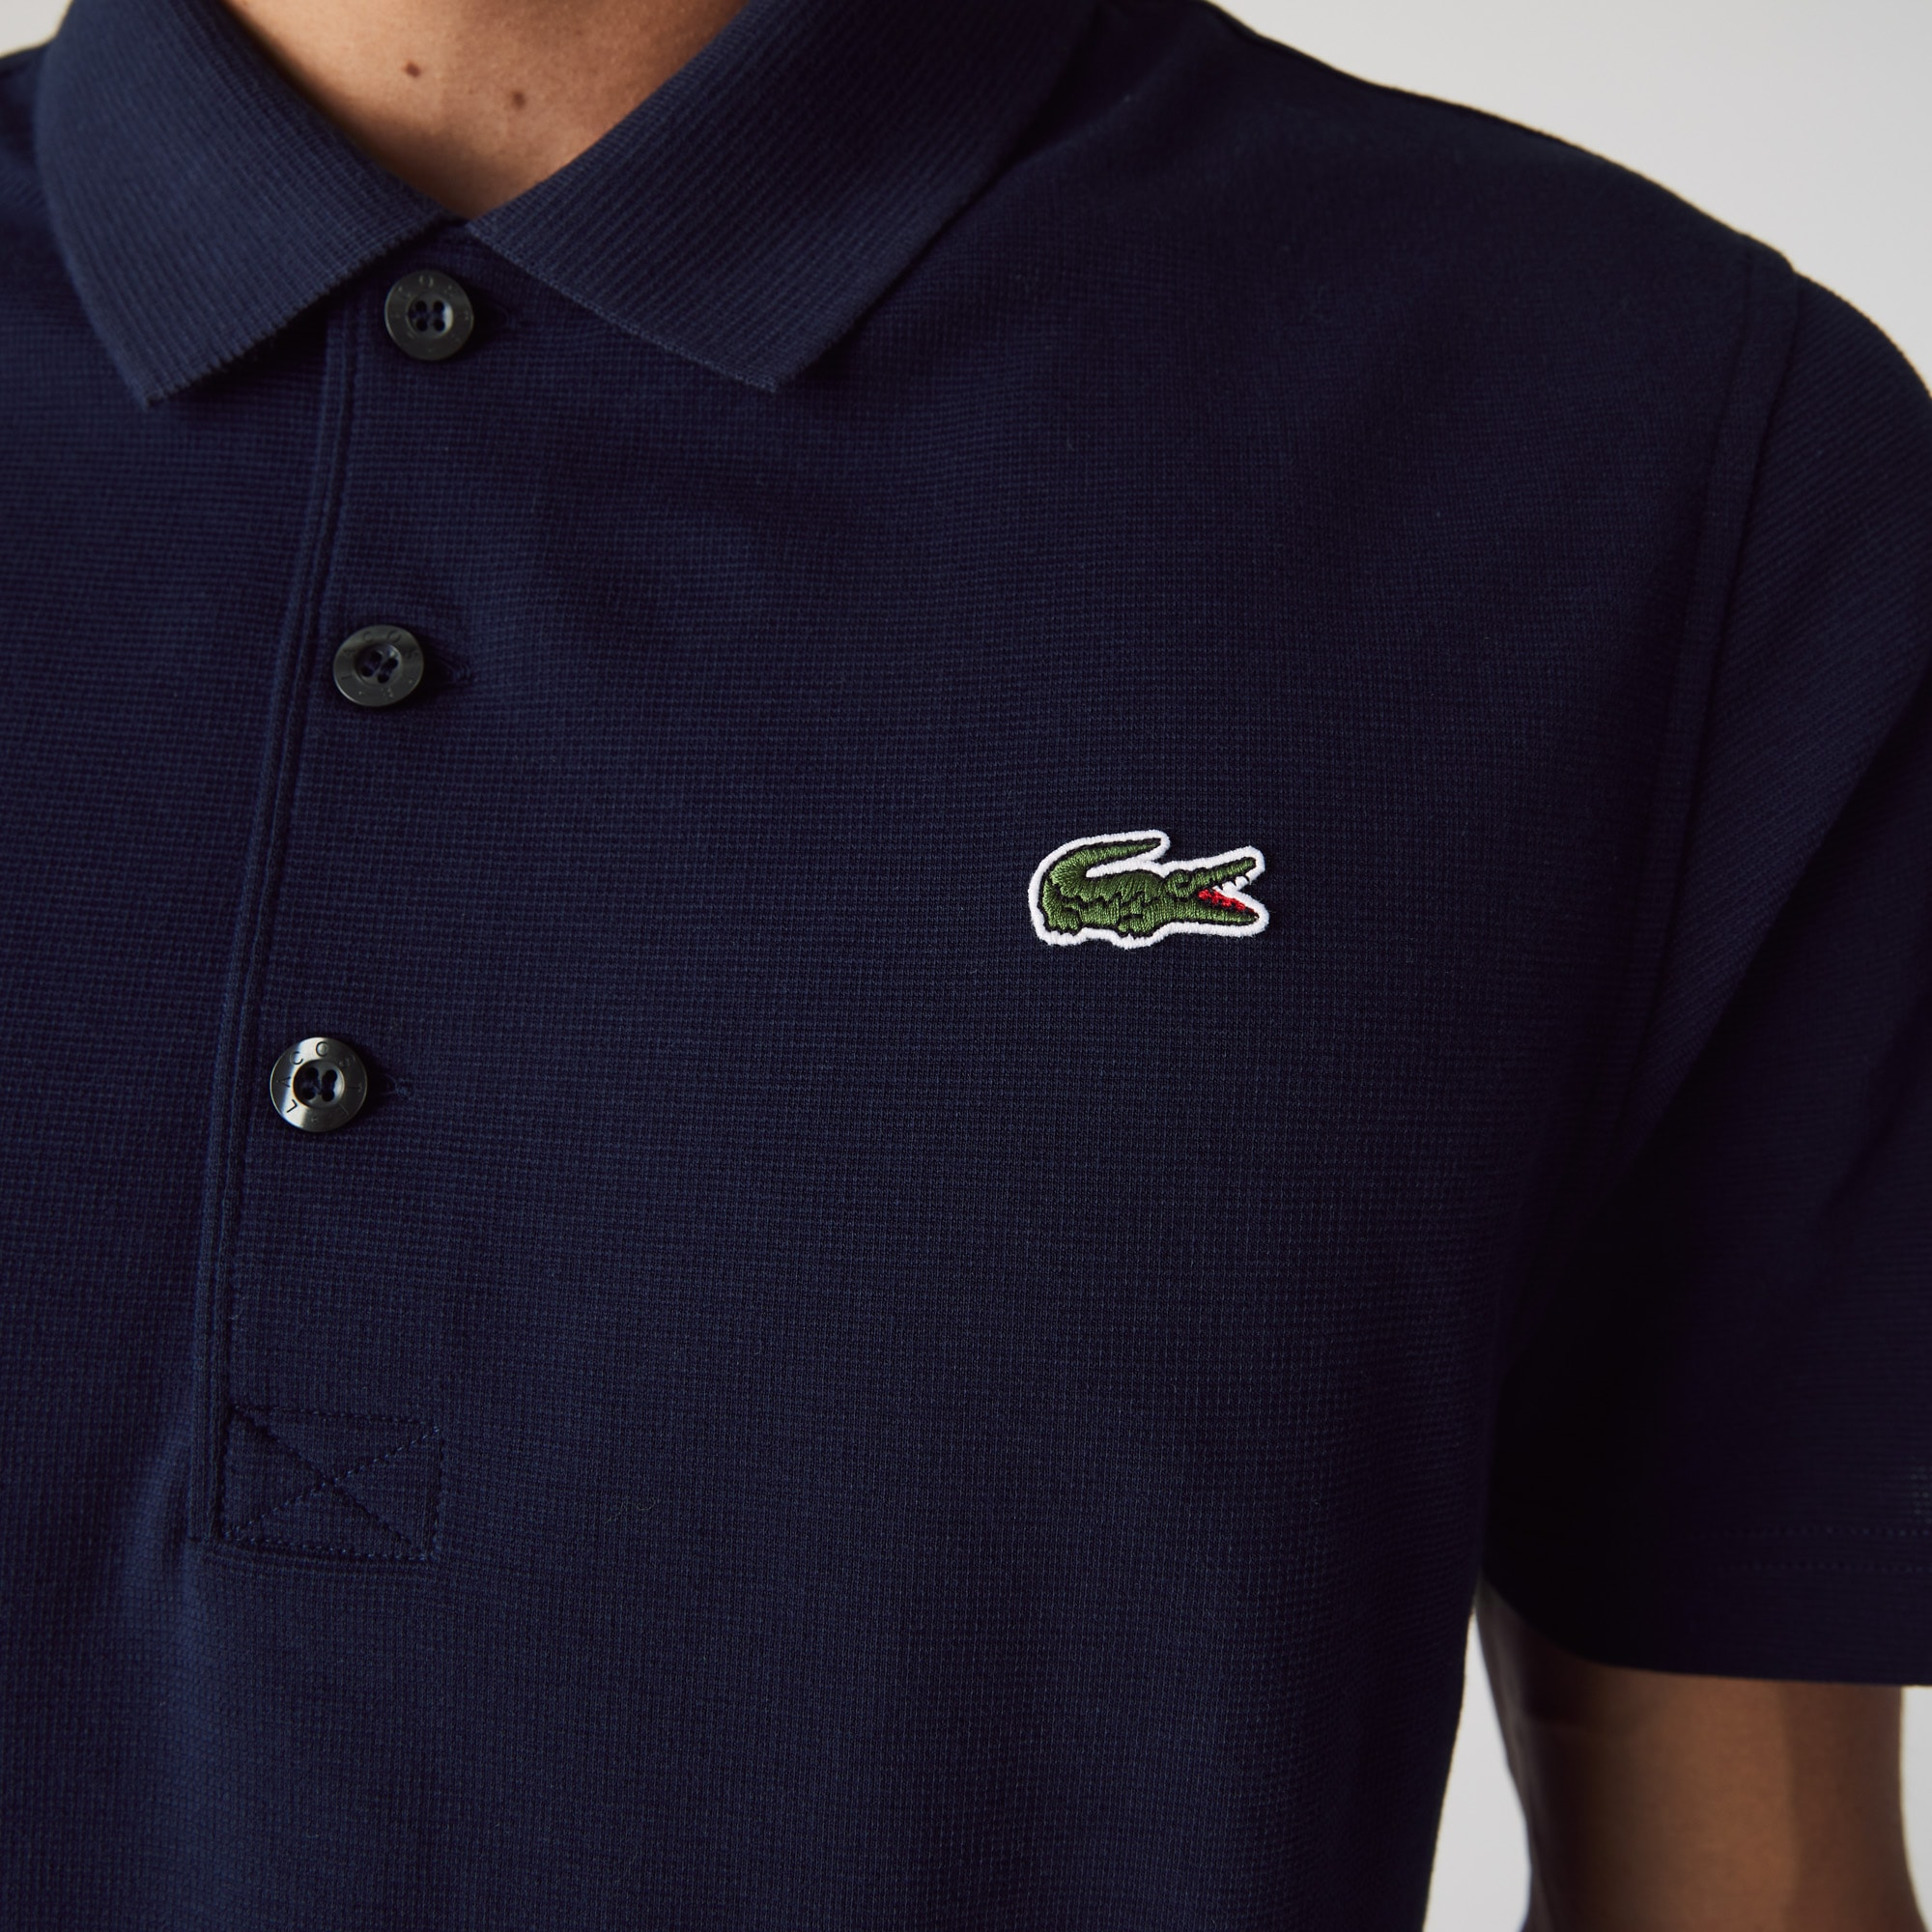 5866a35f8a Men's SPORT Tennis regular fit Polo Shirt in ultra-lightweight knit